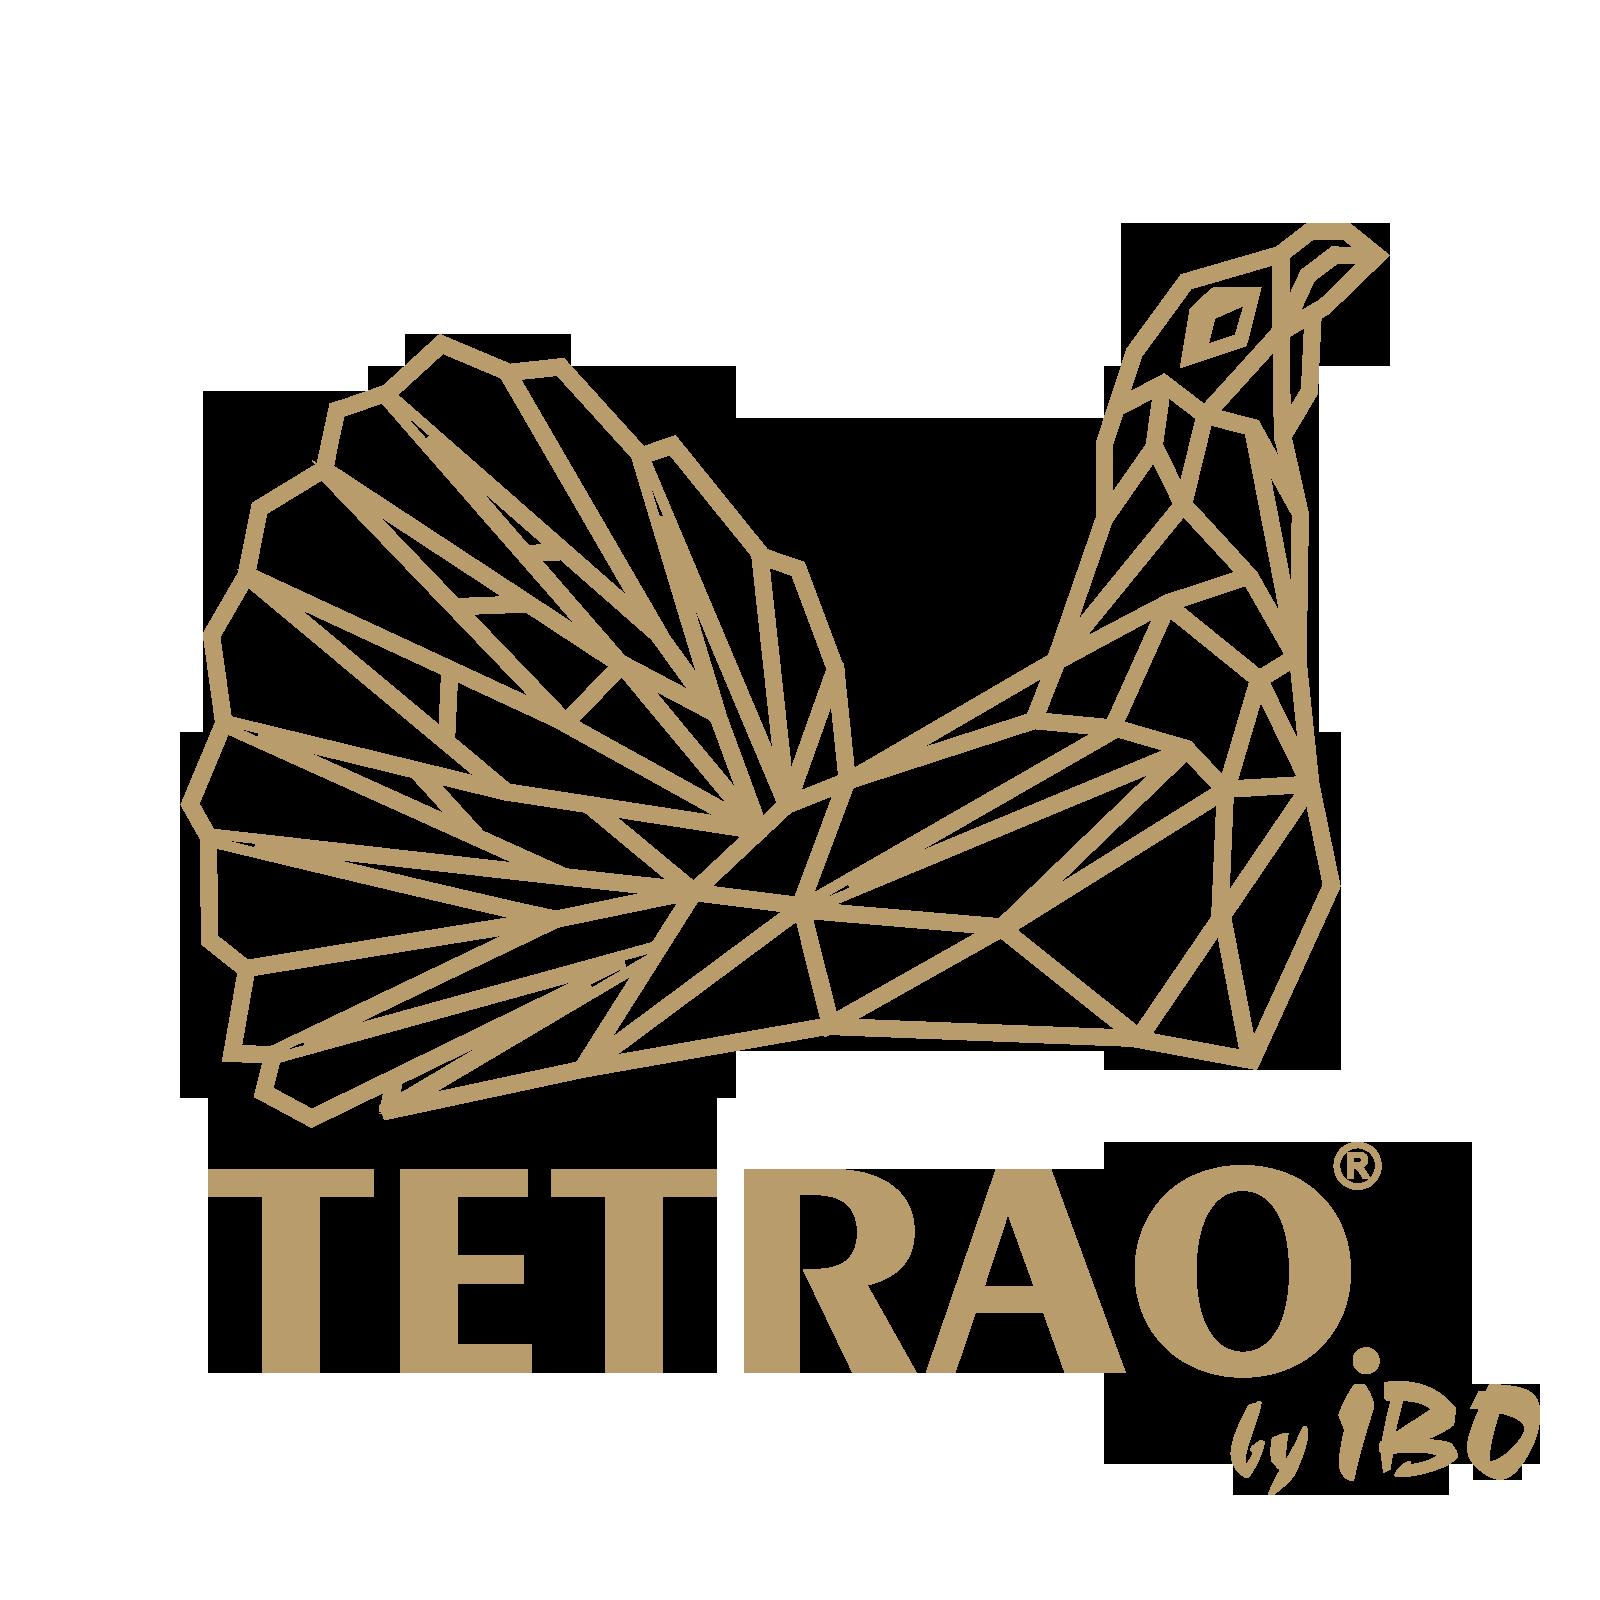 TETRAO